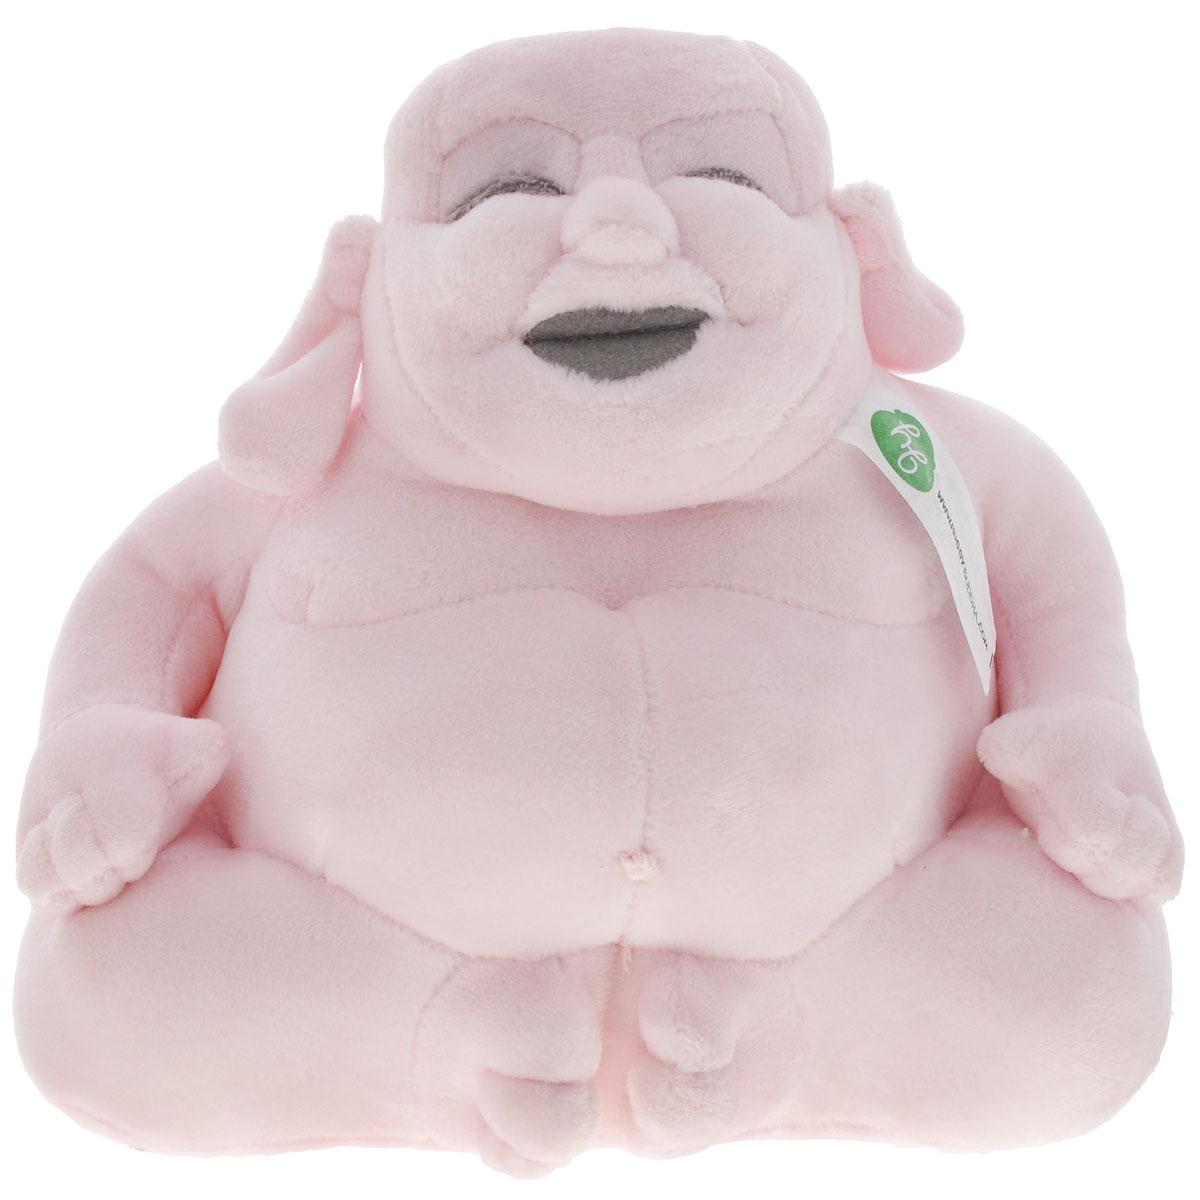 Мягкая игрушка Huggy Buddha Junior, цвет: розовый, 18 см фигурки игрушки junior megasaur игрушка junior megasaur собери динозавра